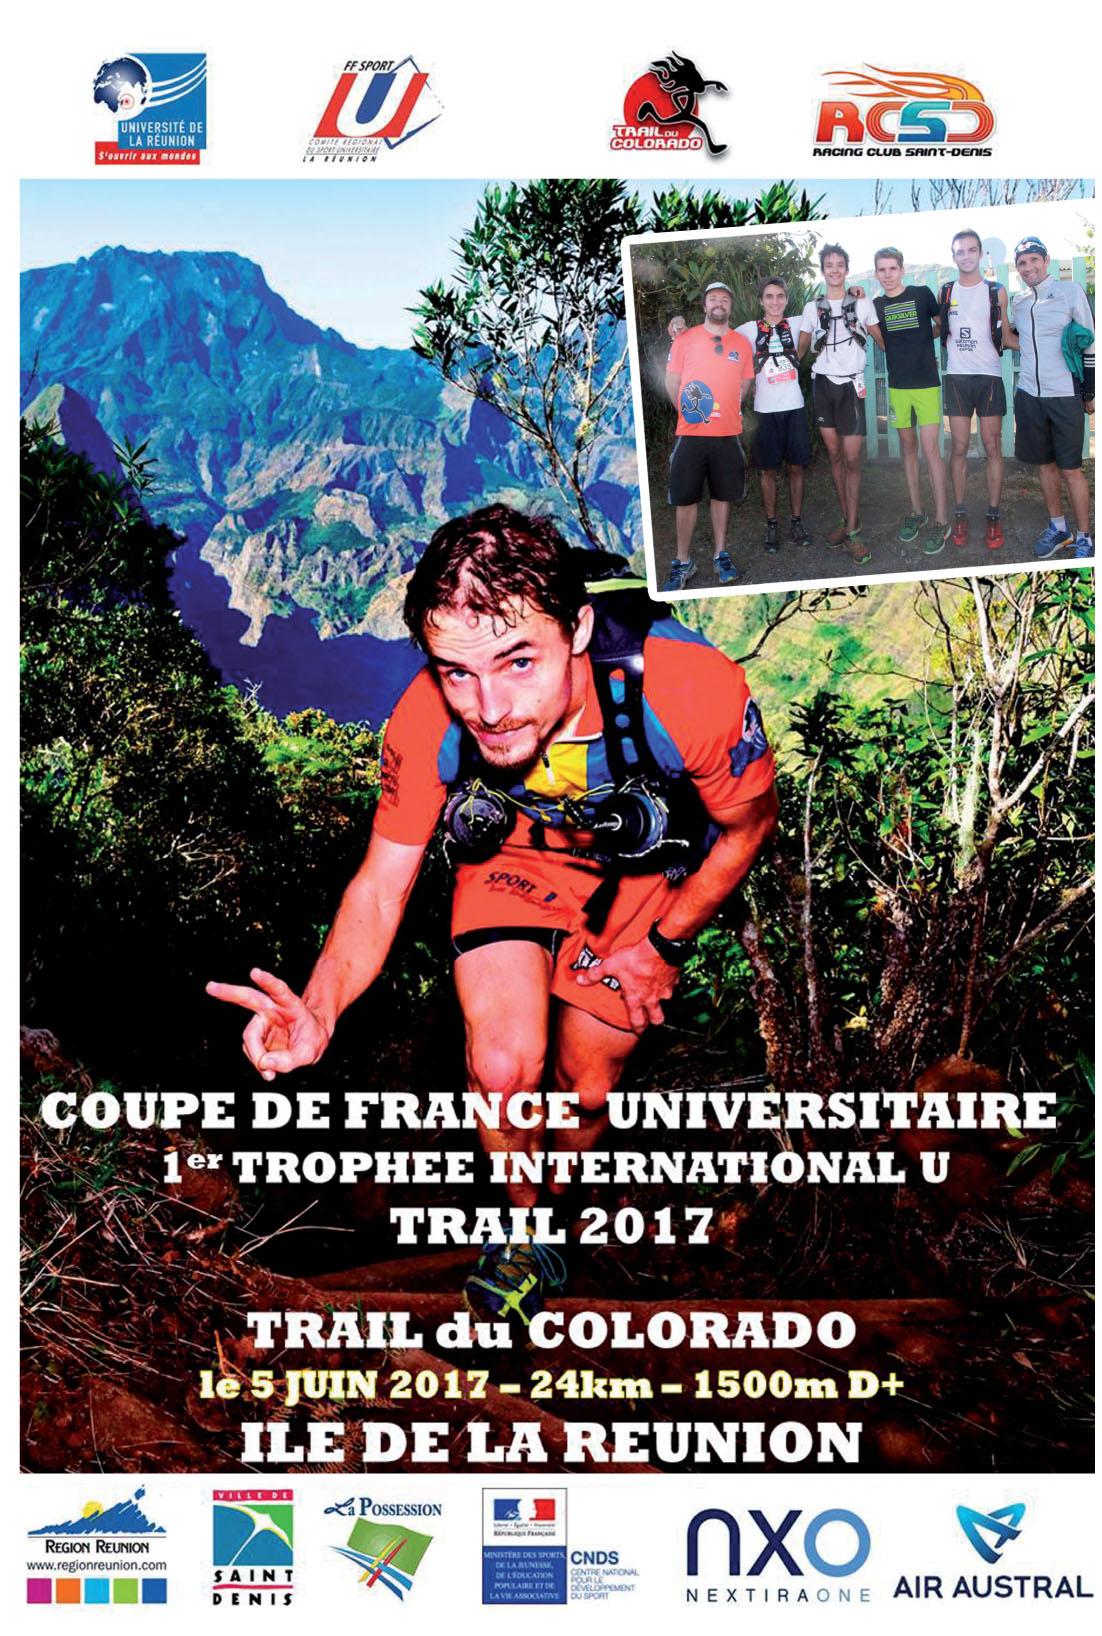 Championnat de France Universitaire et Trophée International de trail 2017 : La Réunion terre d'accueil